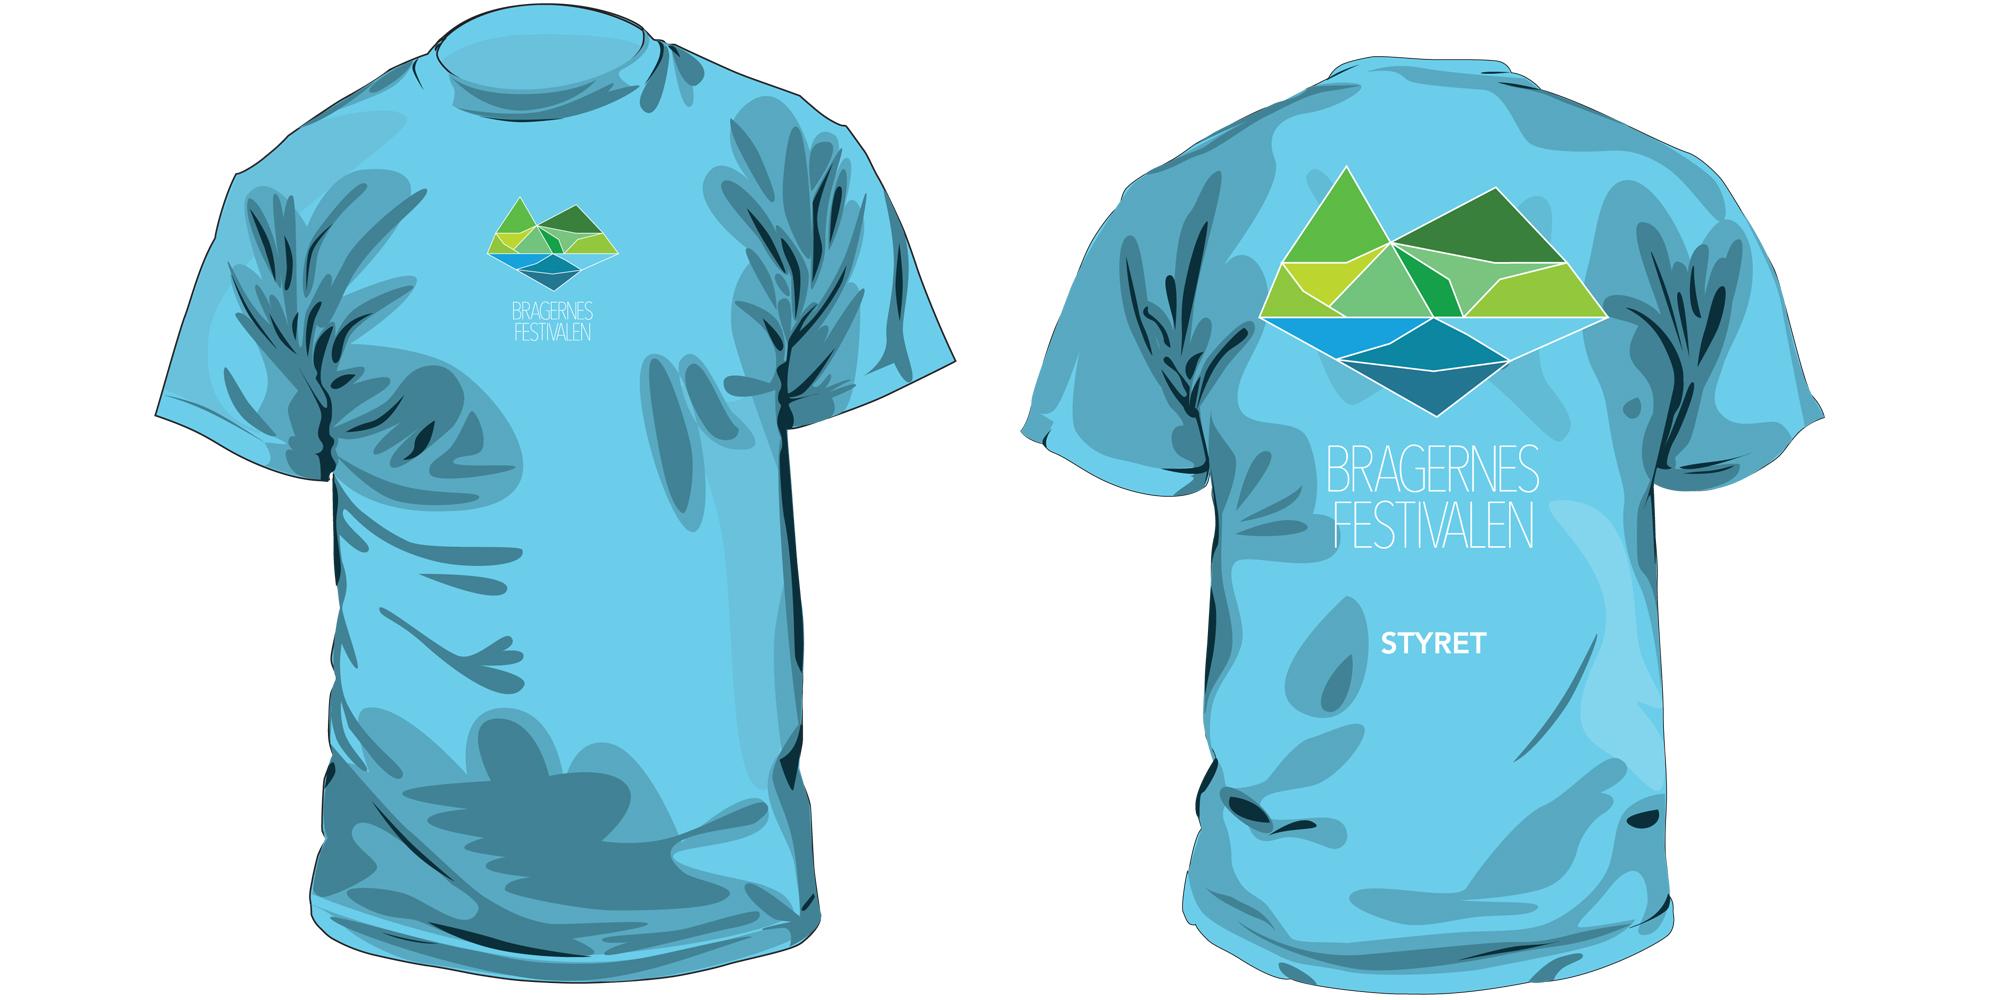 T-skjorte med logo for Bragernesfestivalen